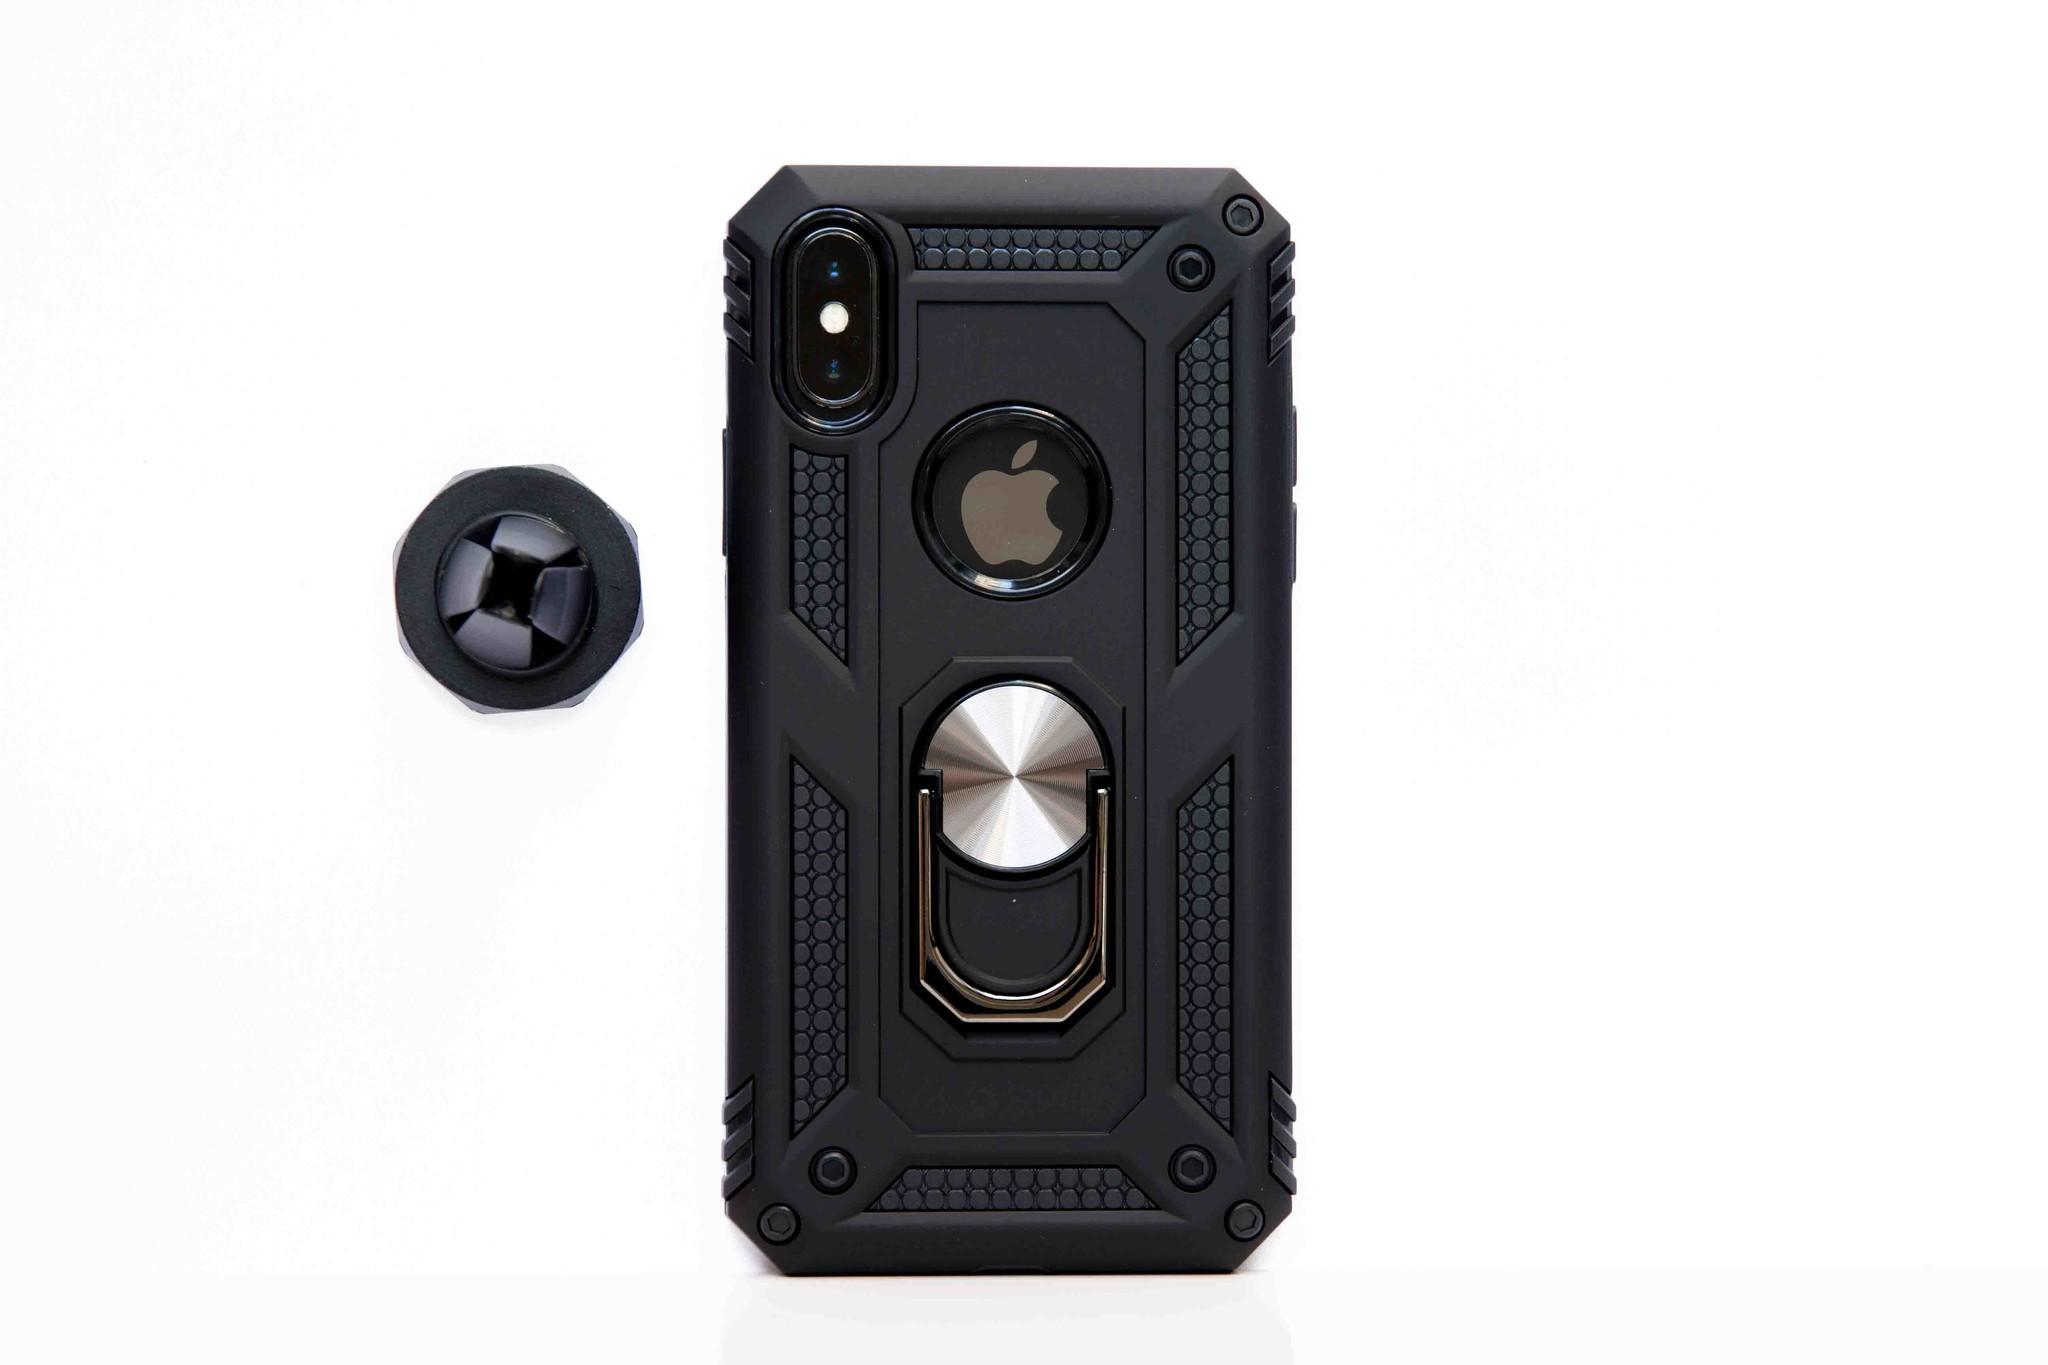 Smartphonehoesje iPhone XS Max   Shockproof met magneet